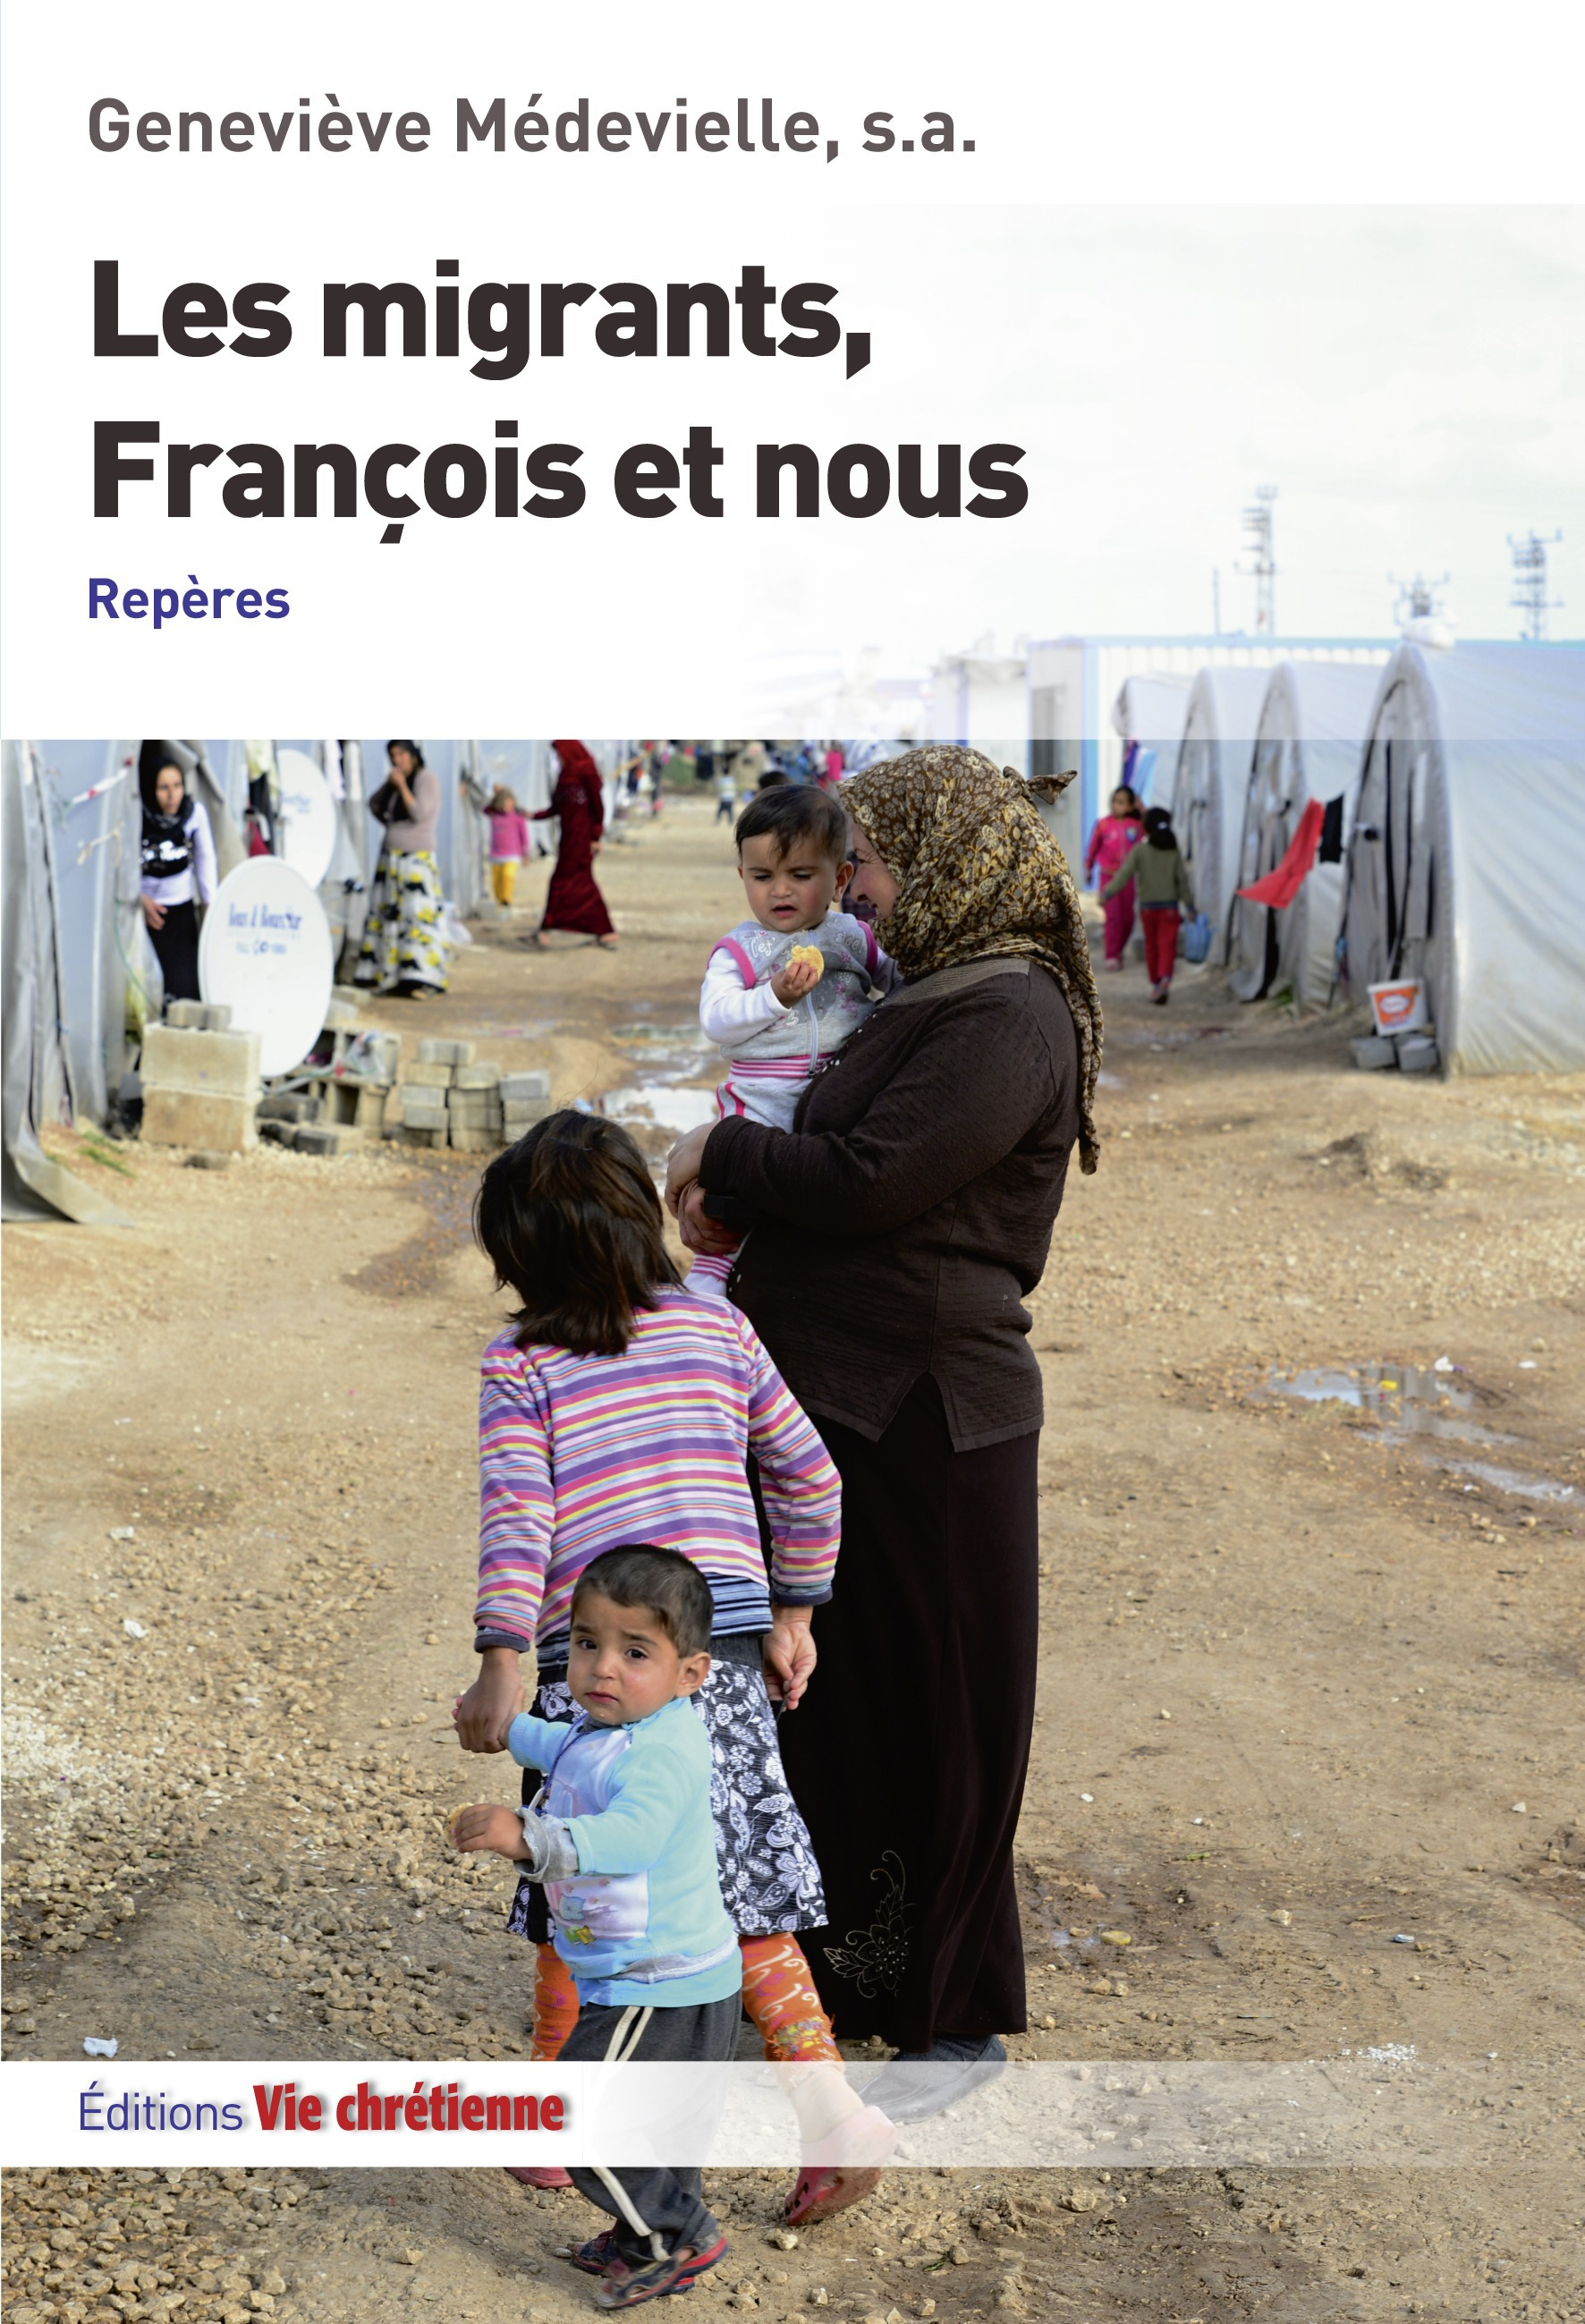 Les migrants, francois et nous. reperes